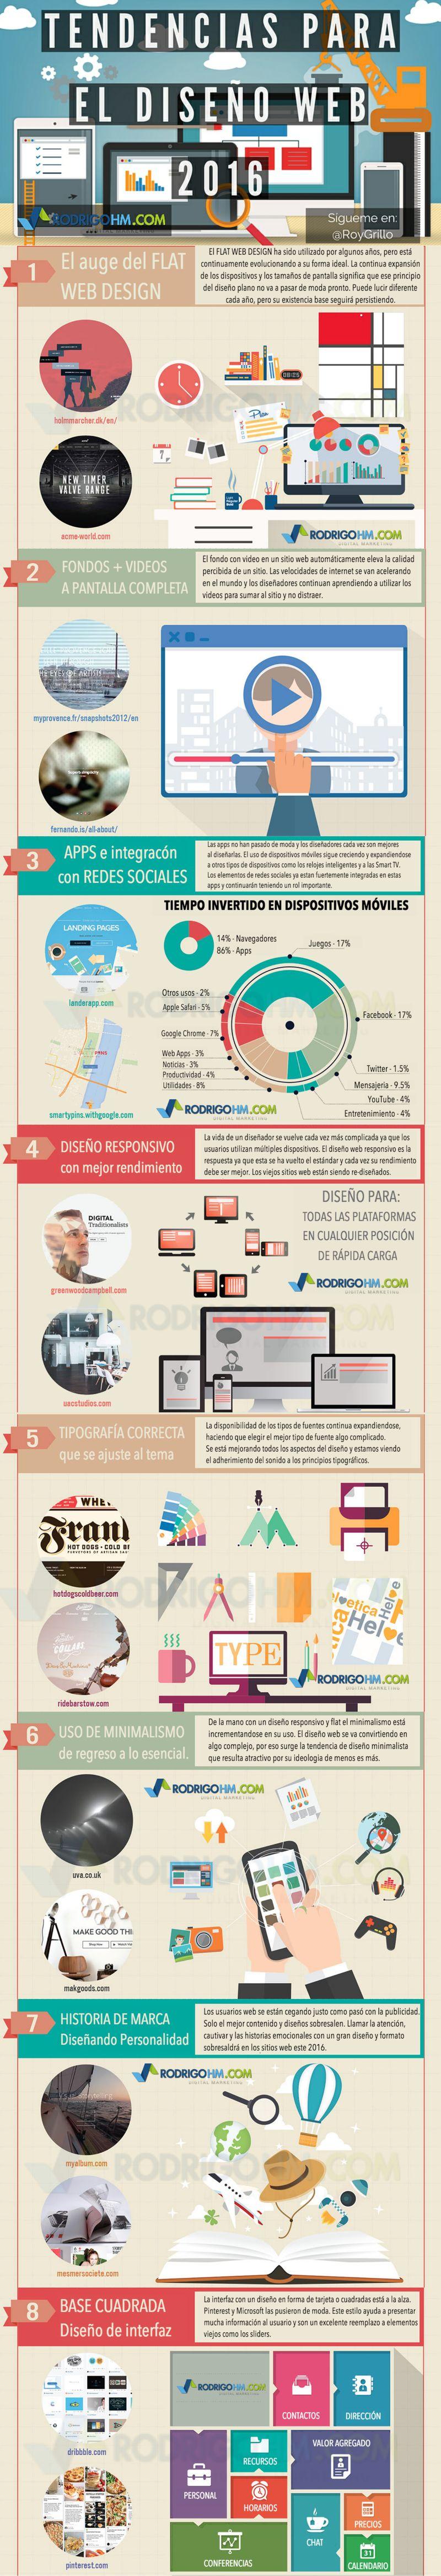 Tendencias Diseño Web 2016 2 Las Tendencias en Diseño Web en 2016 (infografía)